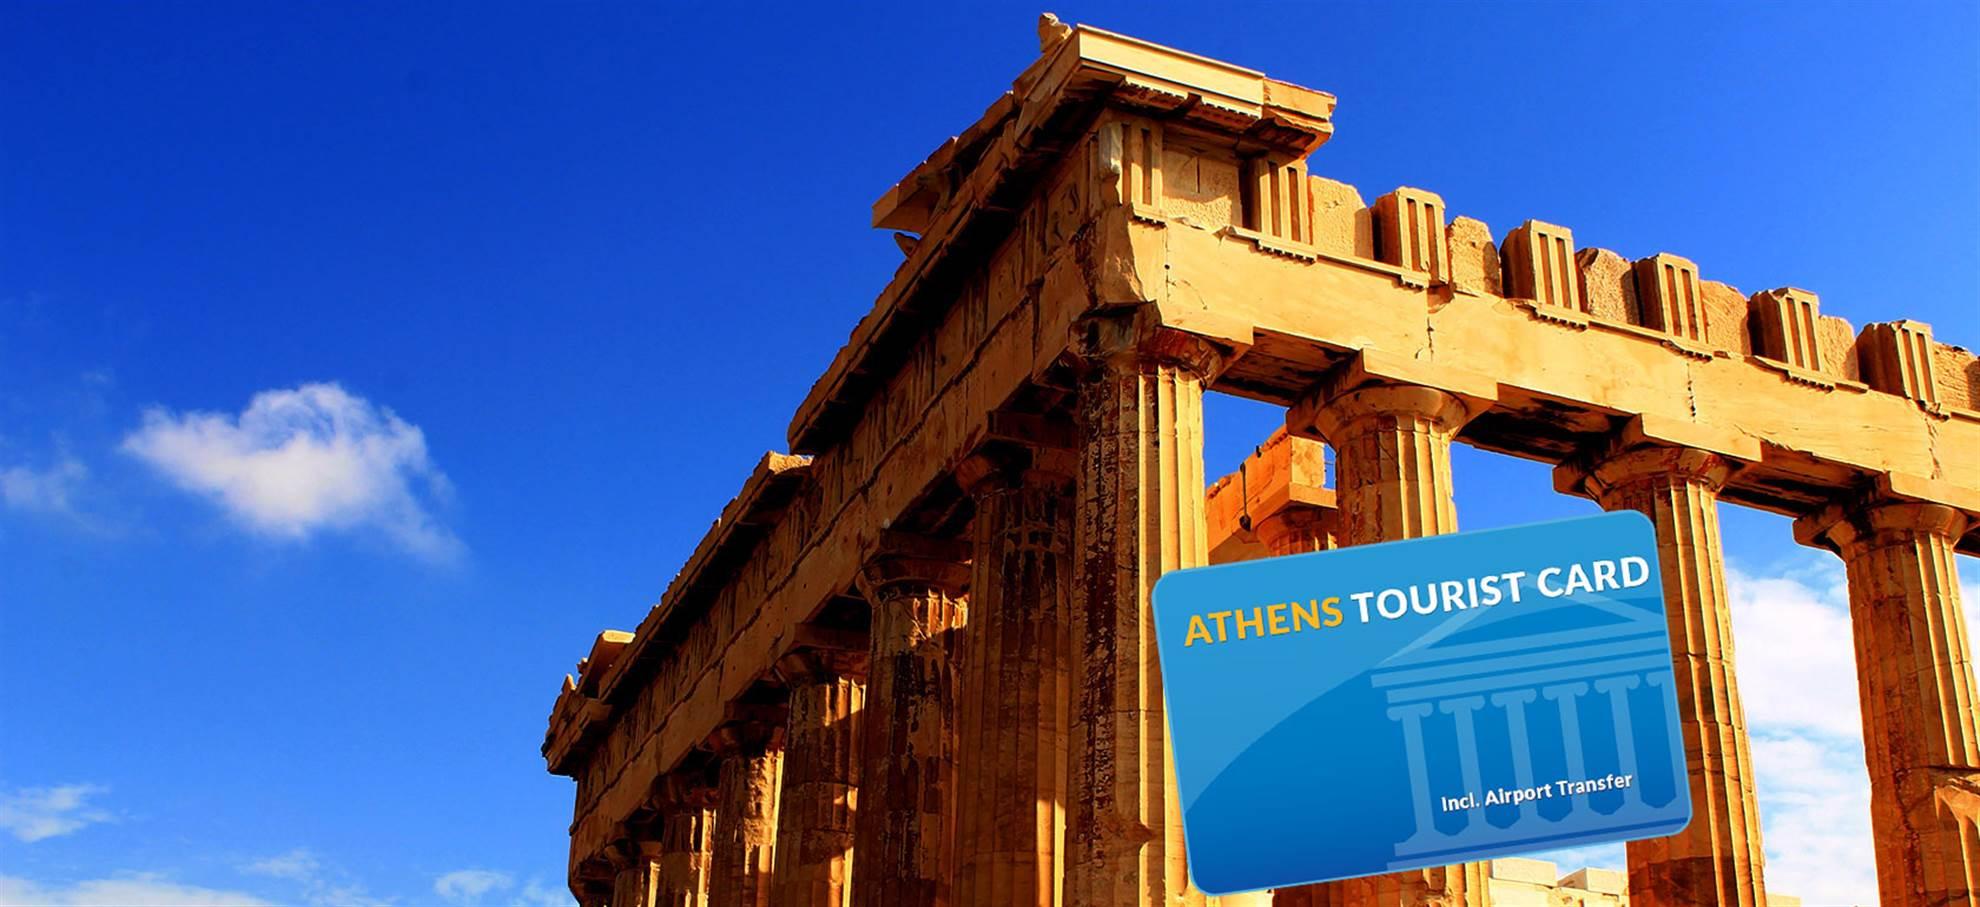 Aten Tourist Card (Łącznie Akropolis)